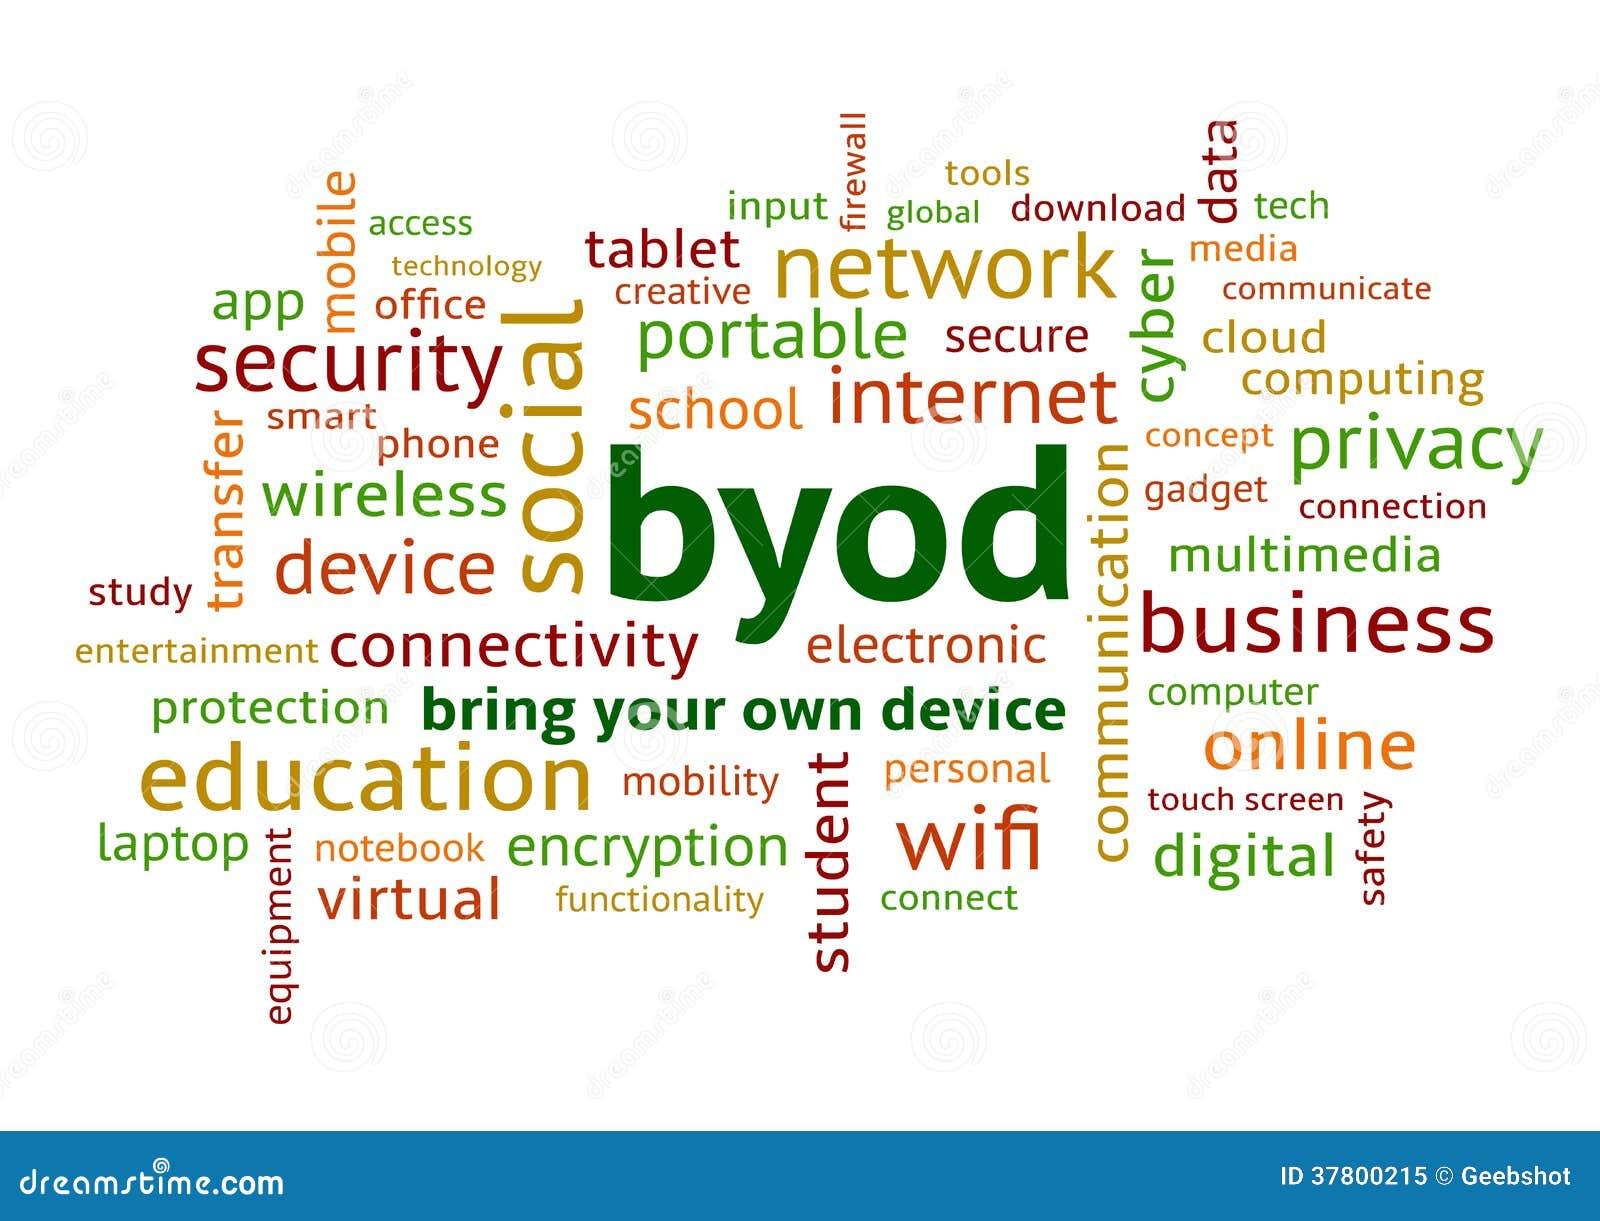 BYOD apportent à votre propre dispositif le nuage coloré de Word